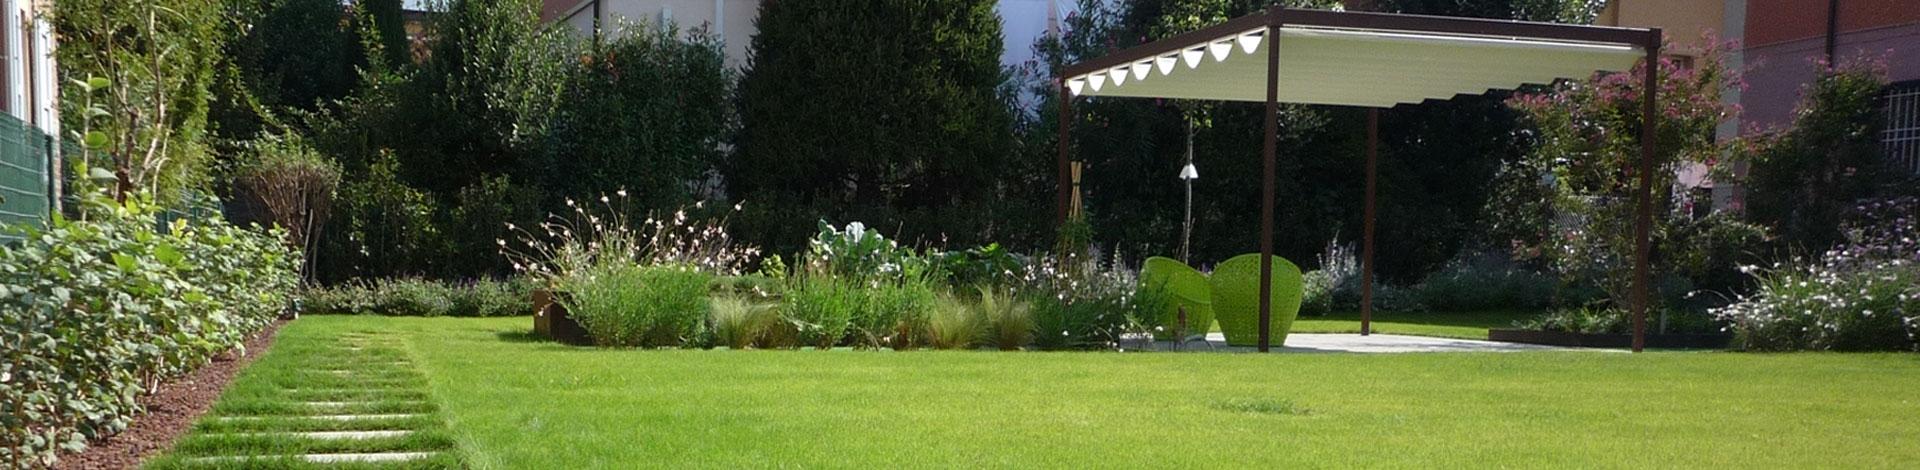 Elegant come realizzare un giardino zen giardini come for Quanto costruire un calcolatore di casa